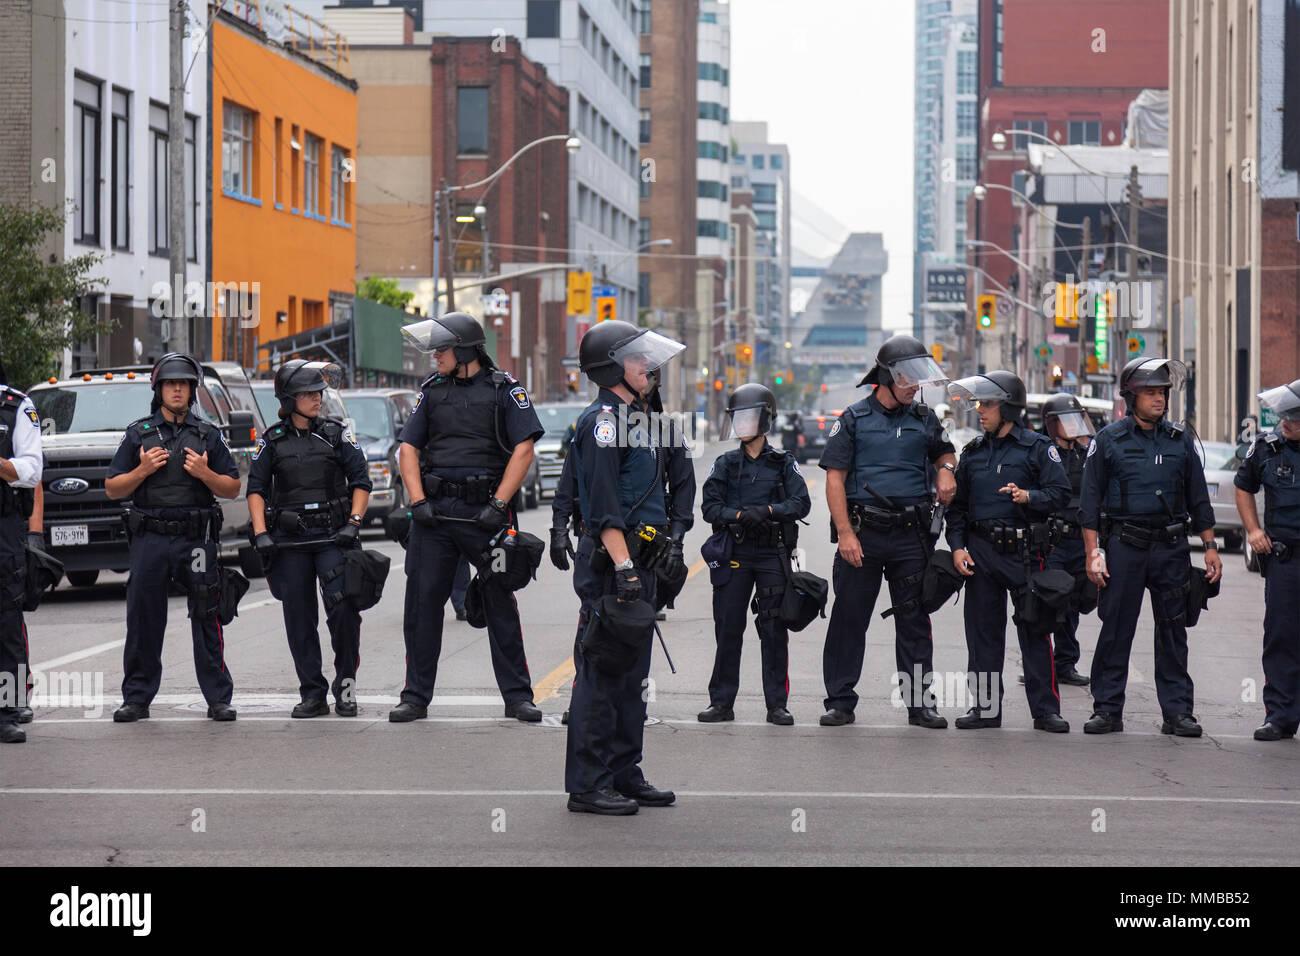 La police anti-émeute a créer une barricade pendant le sommet du G20 au centre-ville de Toronto, Ontario, Canada. Photo Stock